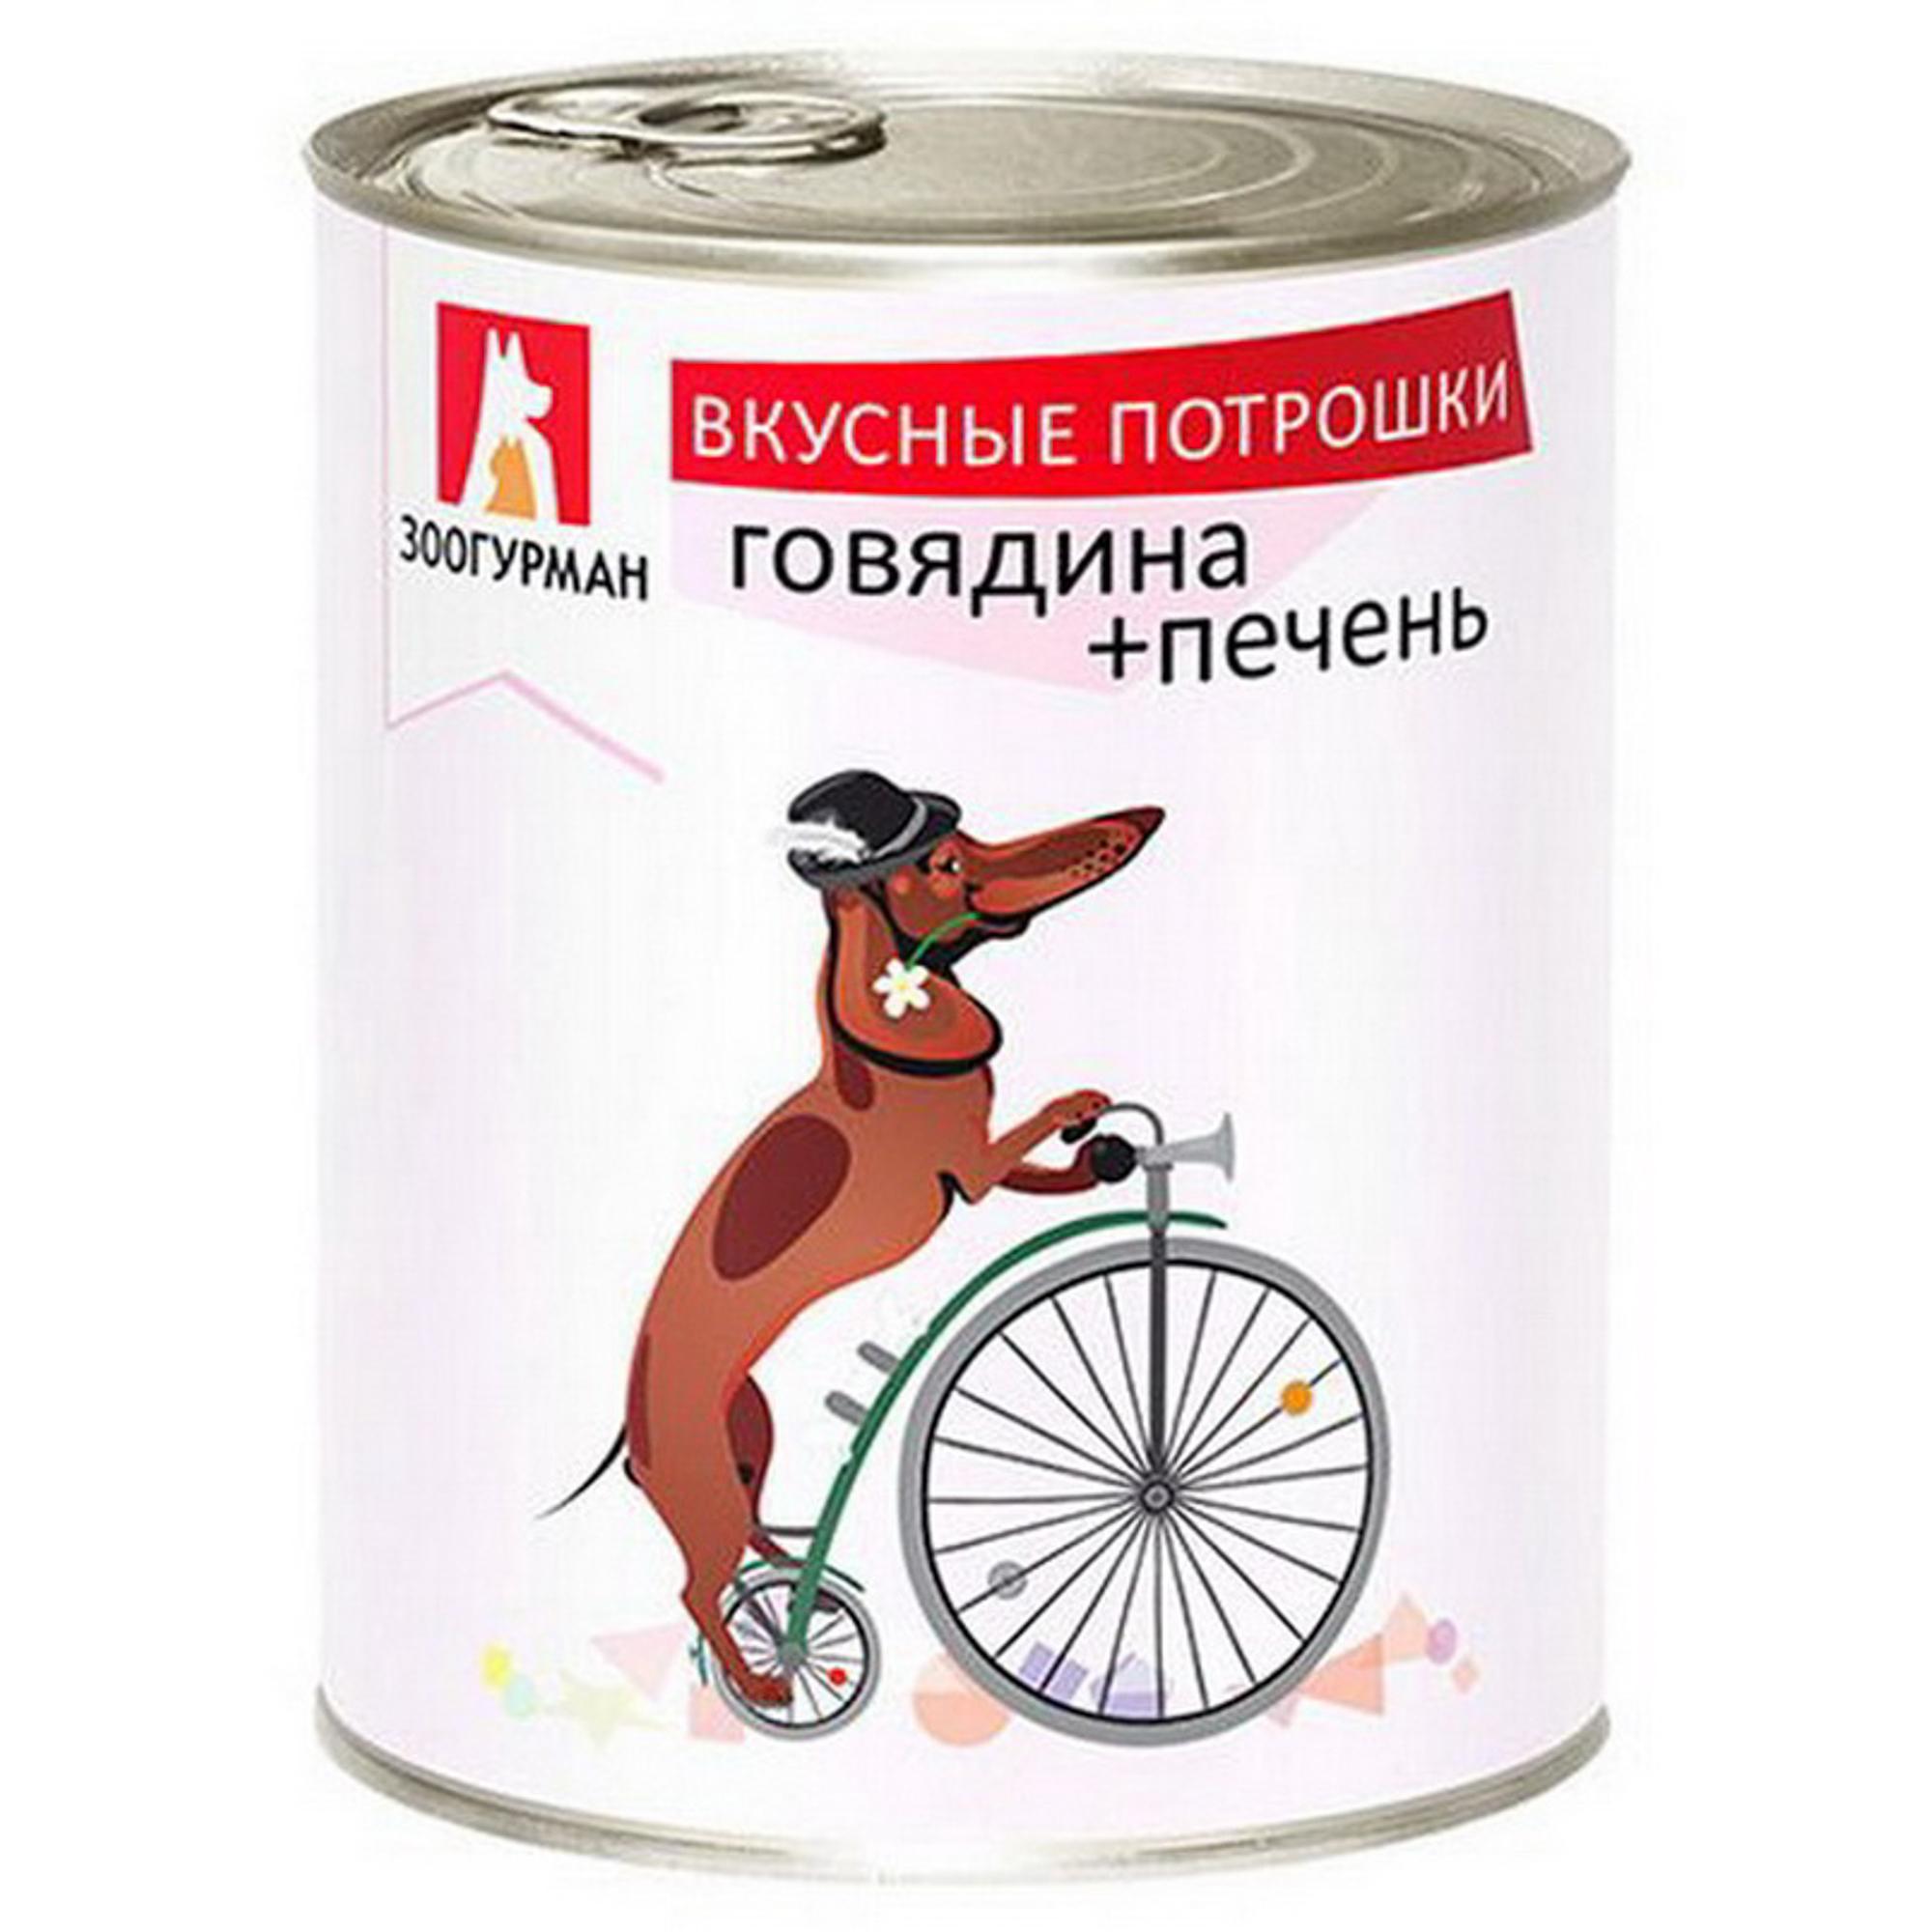 Корм для собак ЗООГУРМАН Вкусные потрошки говядина печень 750 г.